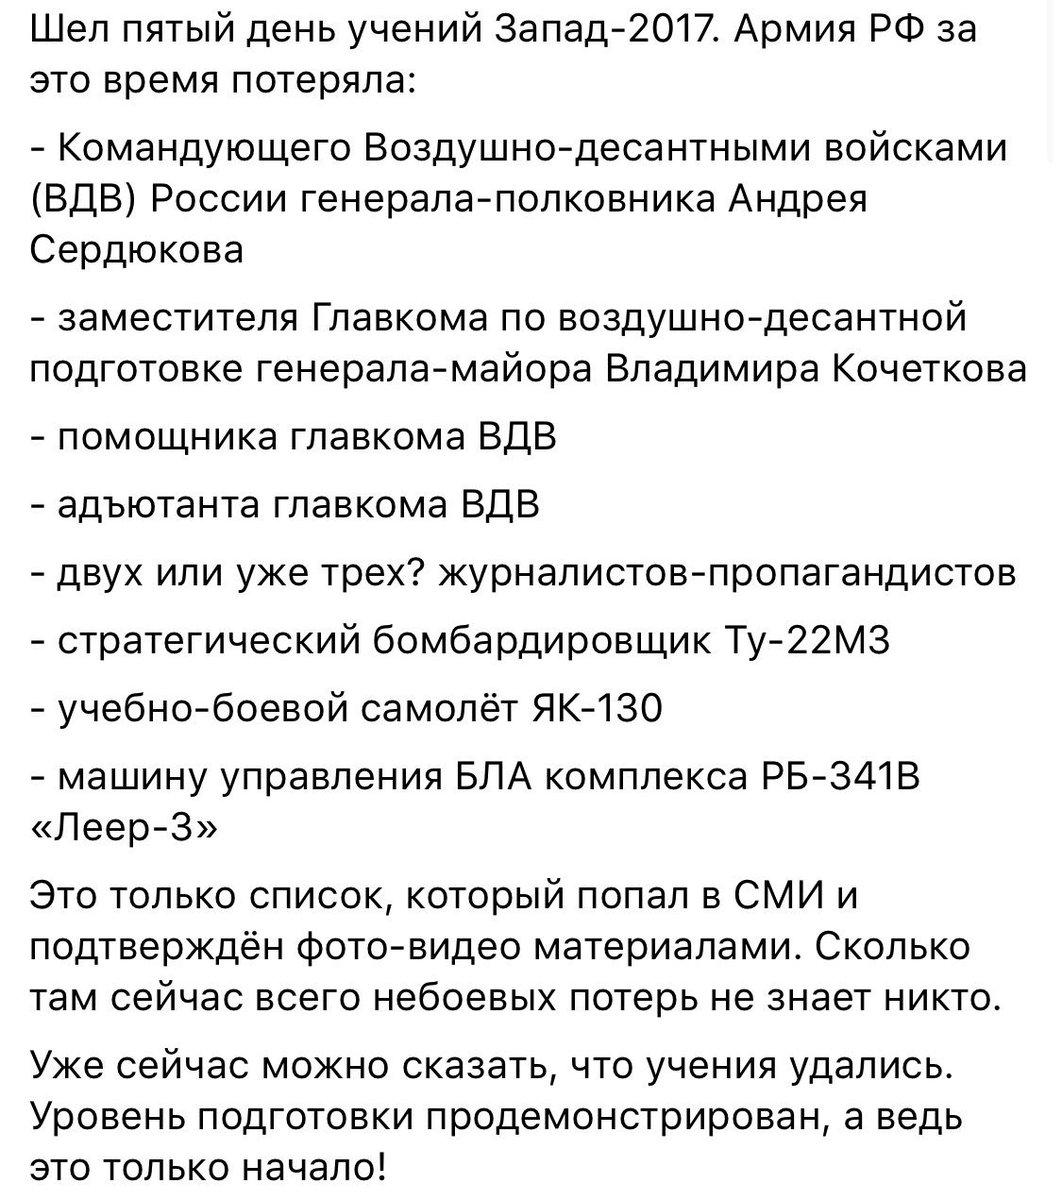 """""""Мы в бюджете не предусмотрели популистских, значительных выплат зарплат и пенсий"""", - замглавы Минфина Марченко - Цензор.НЕТ 6491"""